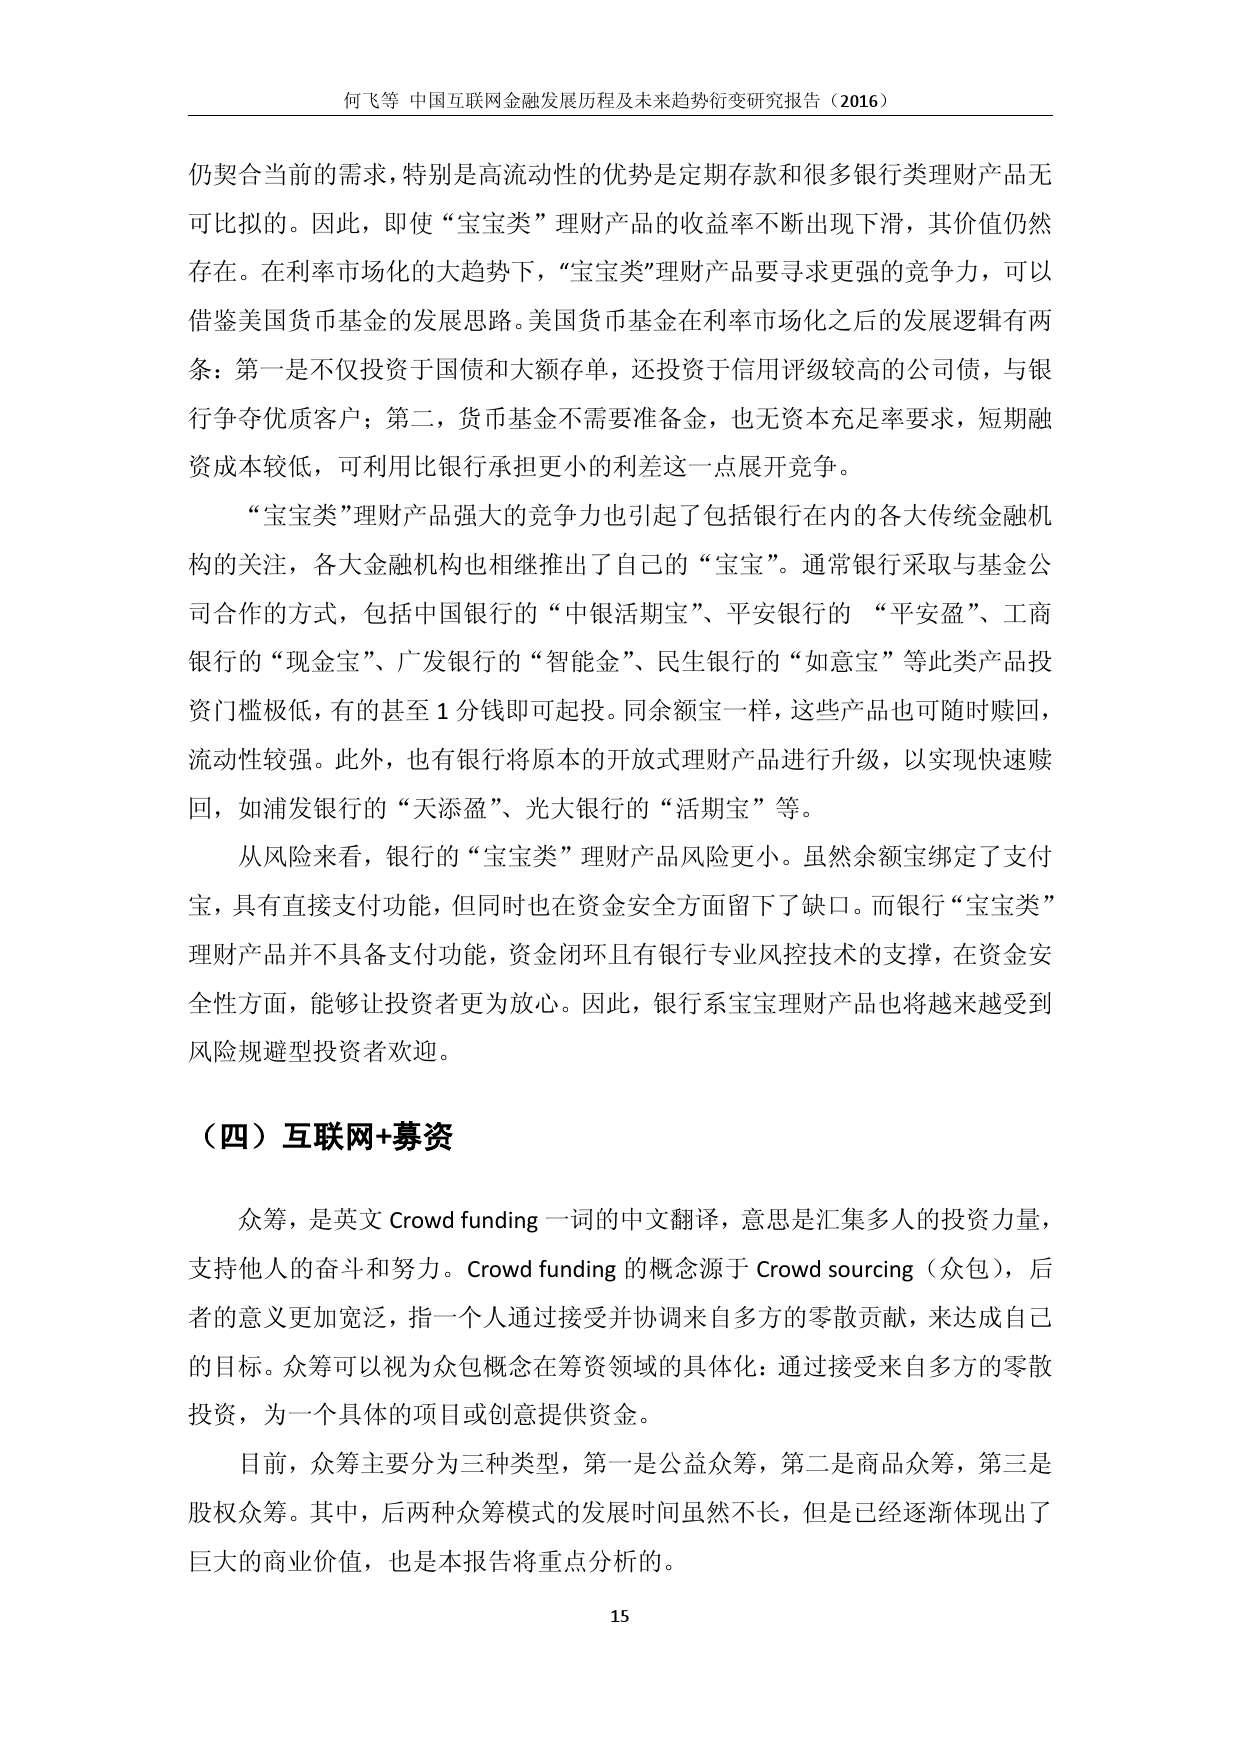 中国互联网金融发展历程及未来趋势衍变研究报告(2016)_000020